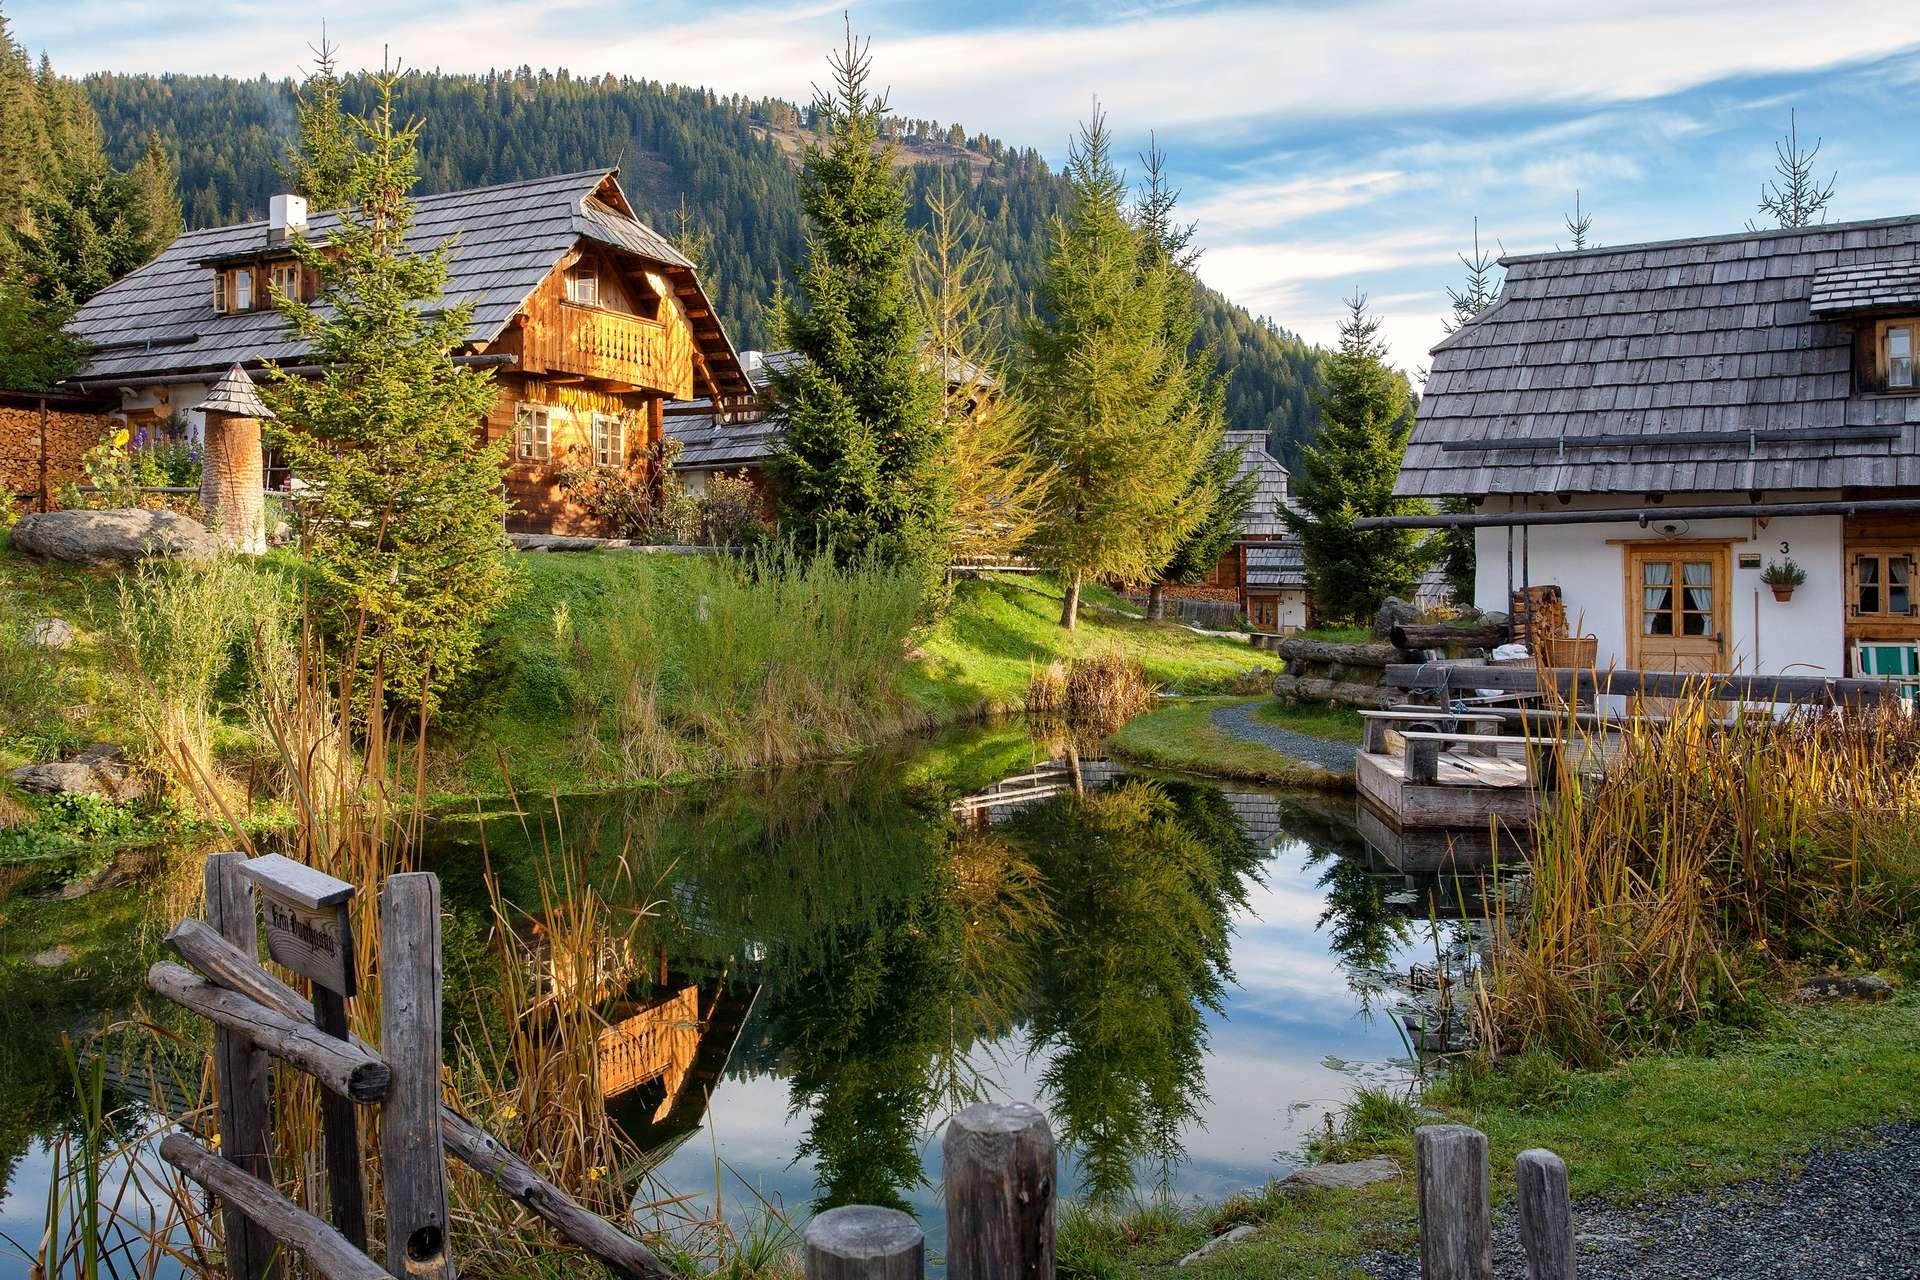 Almdorf Ansicht Hütten mit Teich